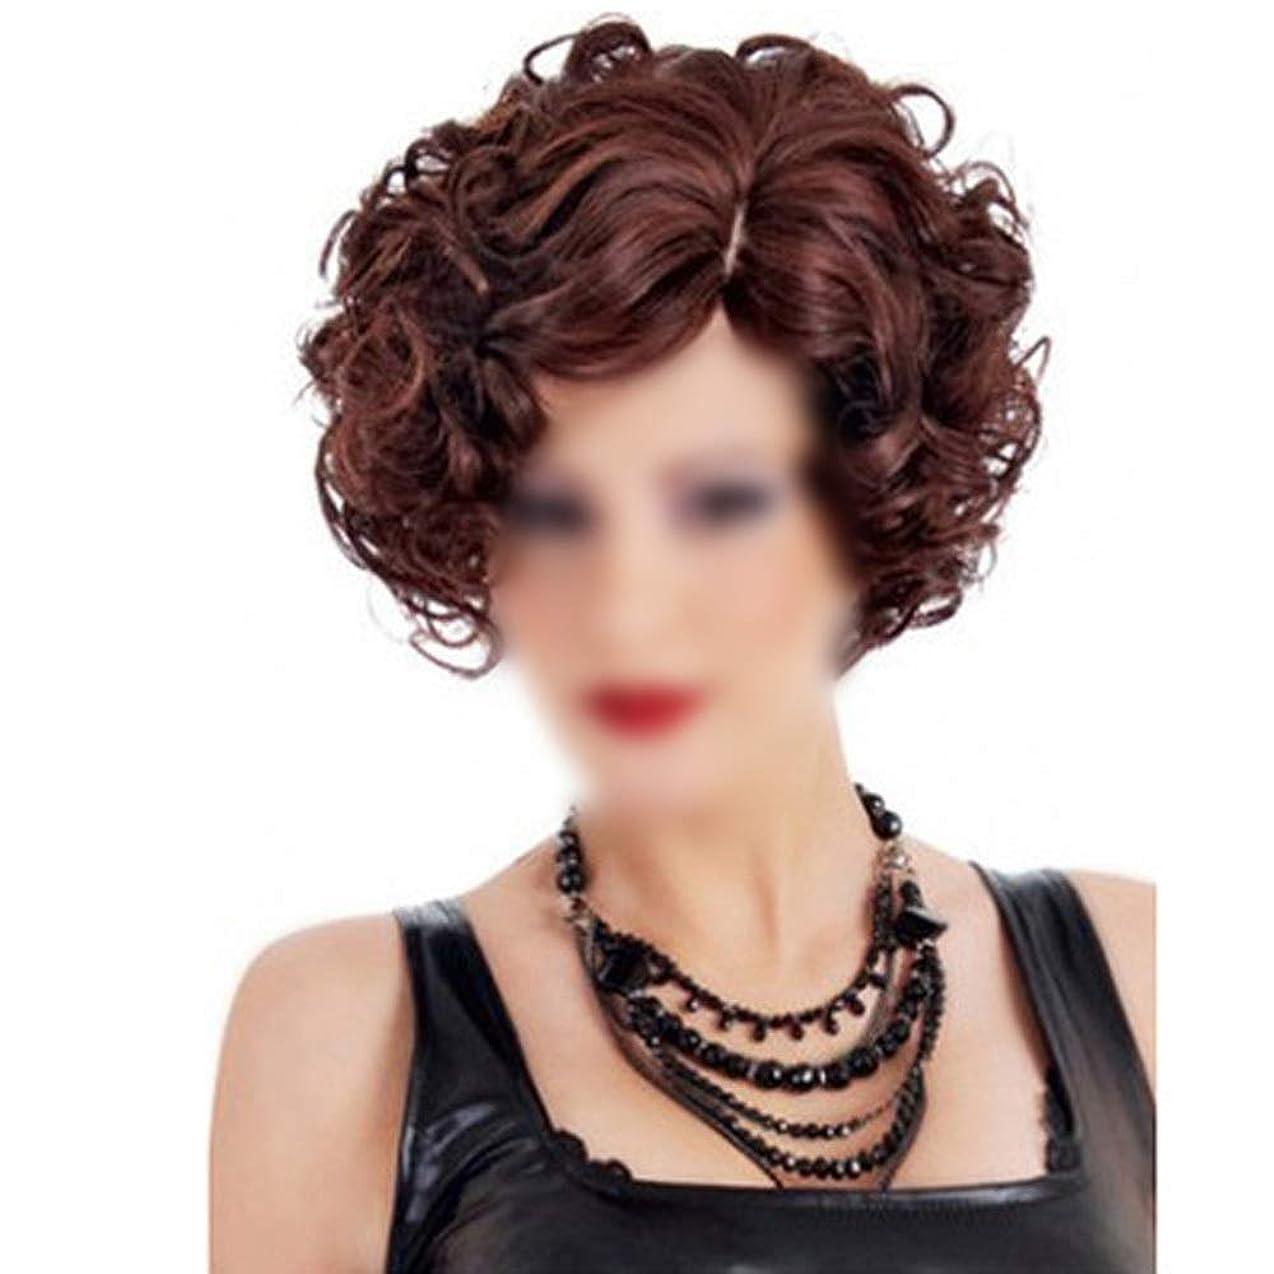 擬人毒バーマドBOBIDYEE マイクロウェーブワインレッド女性ローズネットウィッグパーティーかつらで女性の短いストレートヘア (色 : ワインレッド, サイズ : 30cm)